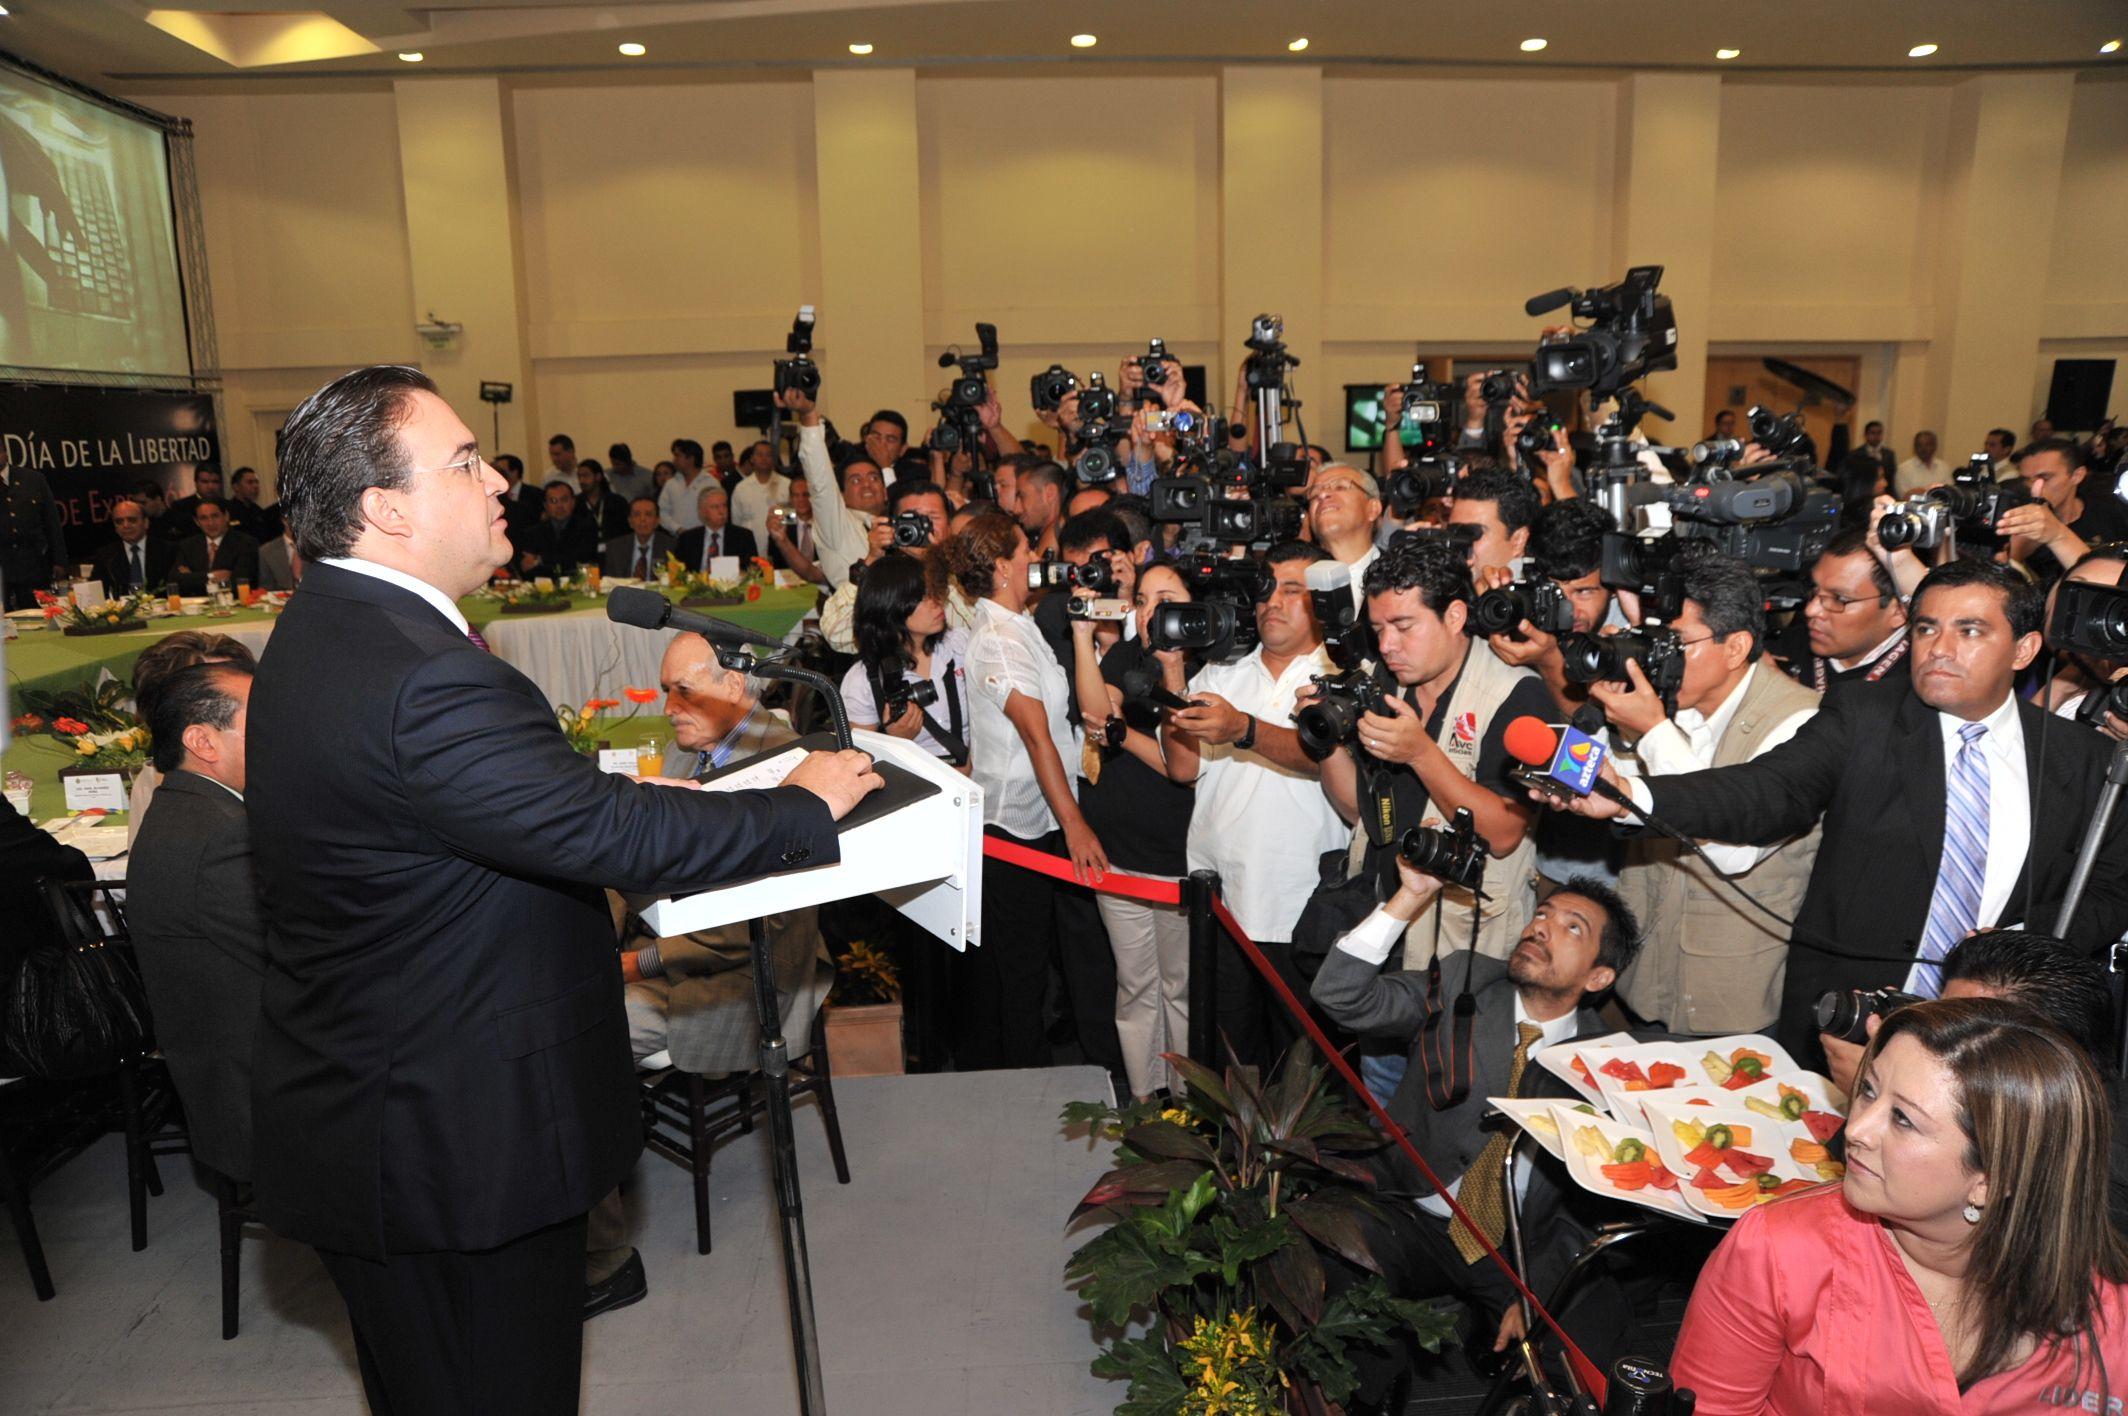 El mandatario veracruzano felicitó a comunicadores, directores, jefes de información, jefes de redacción, reporteros de radio, televisión, prensa escrita e internet y reconoció su esfuerzo y su contribución al desarrollo de Veracruz.